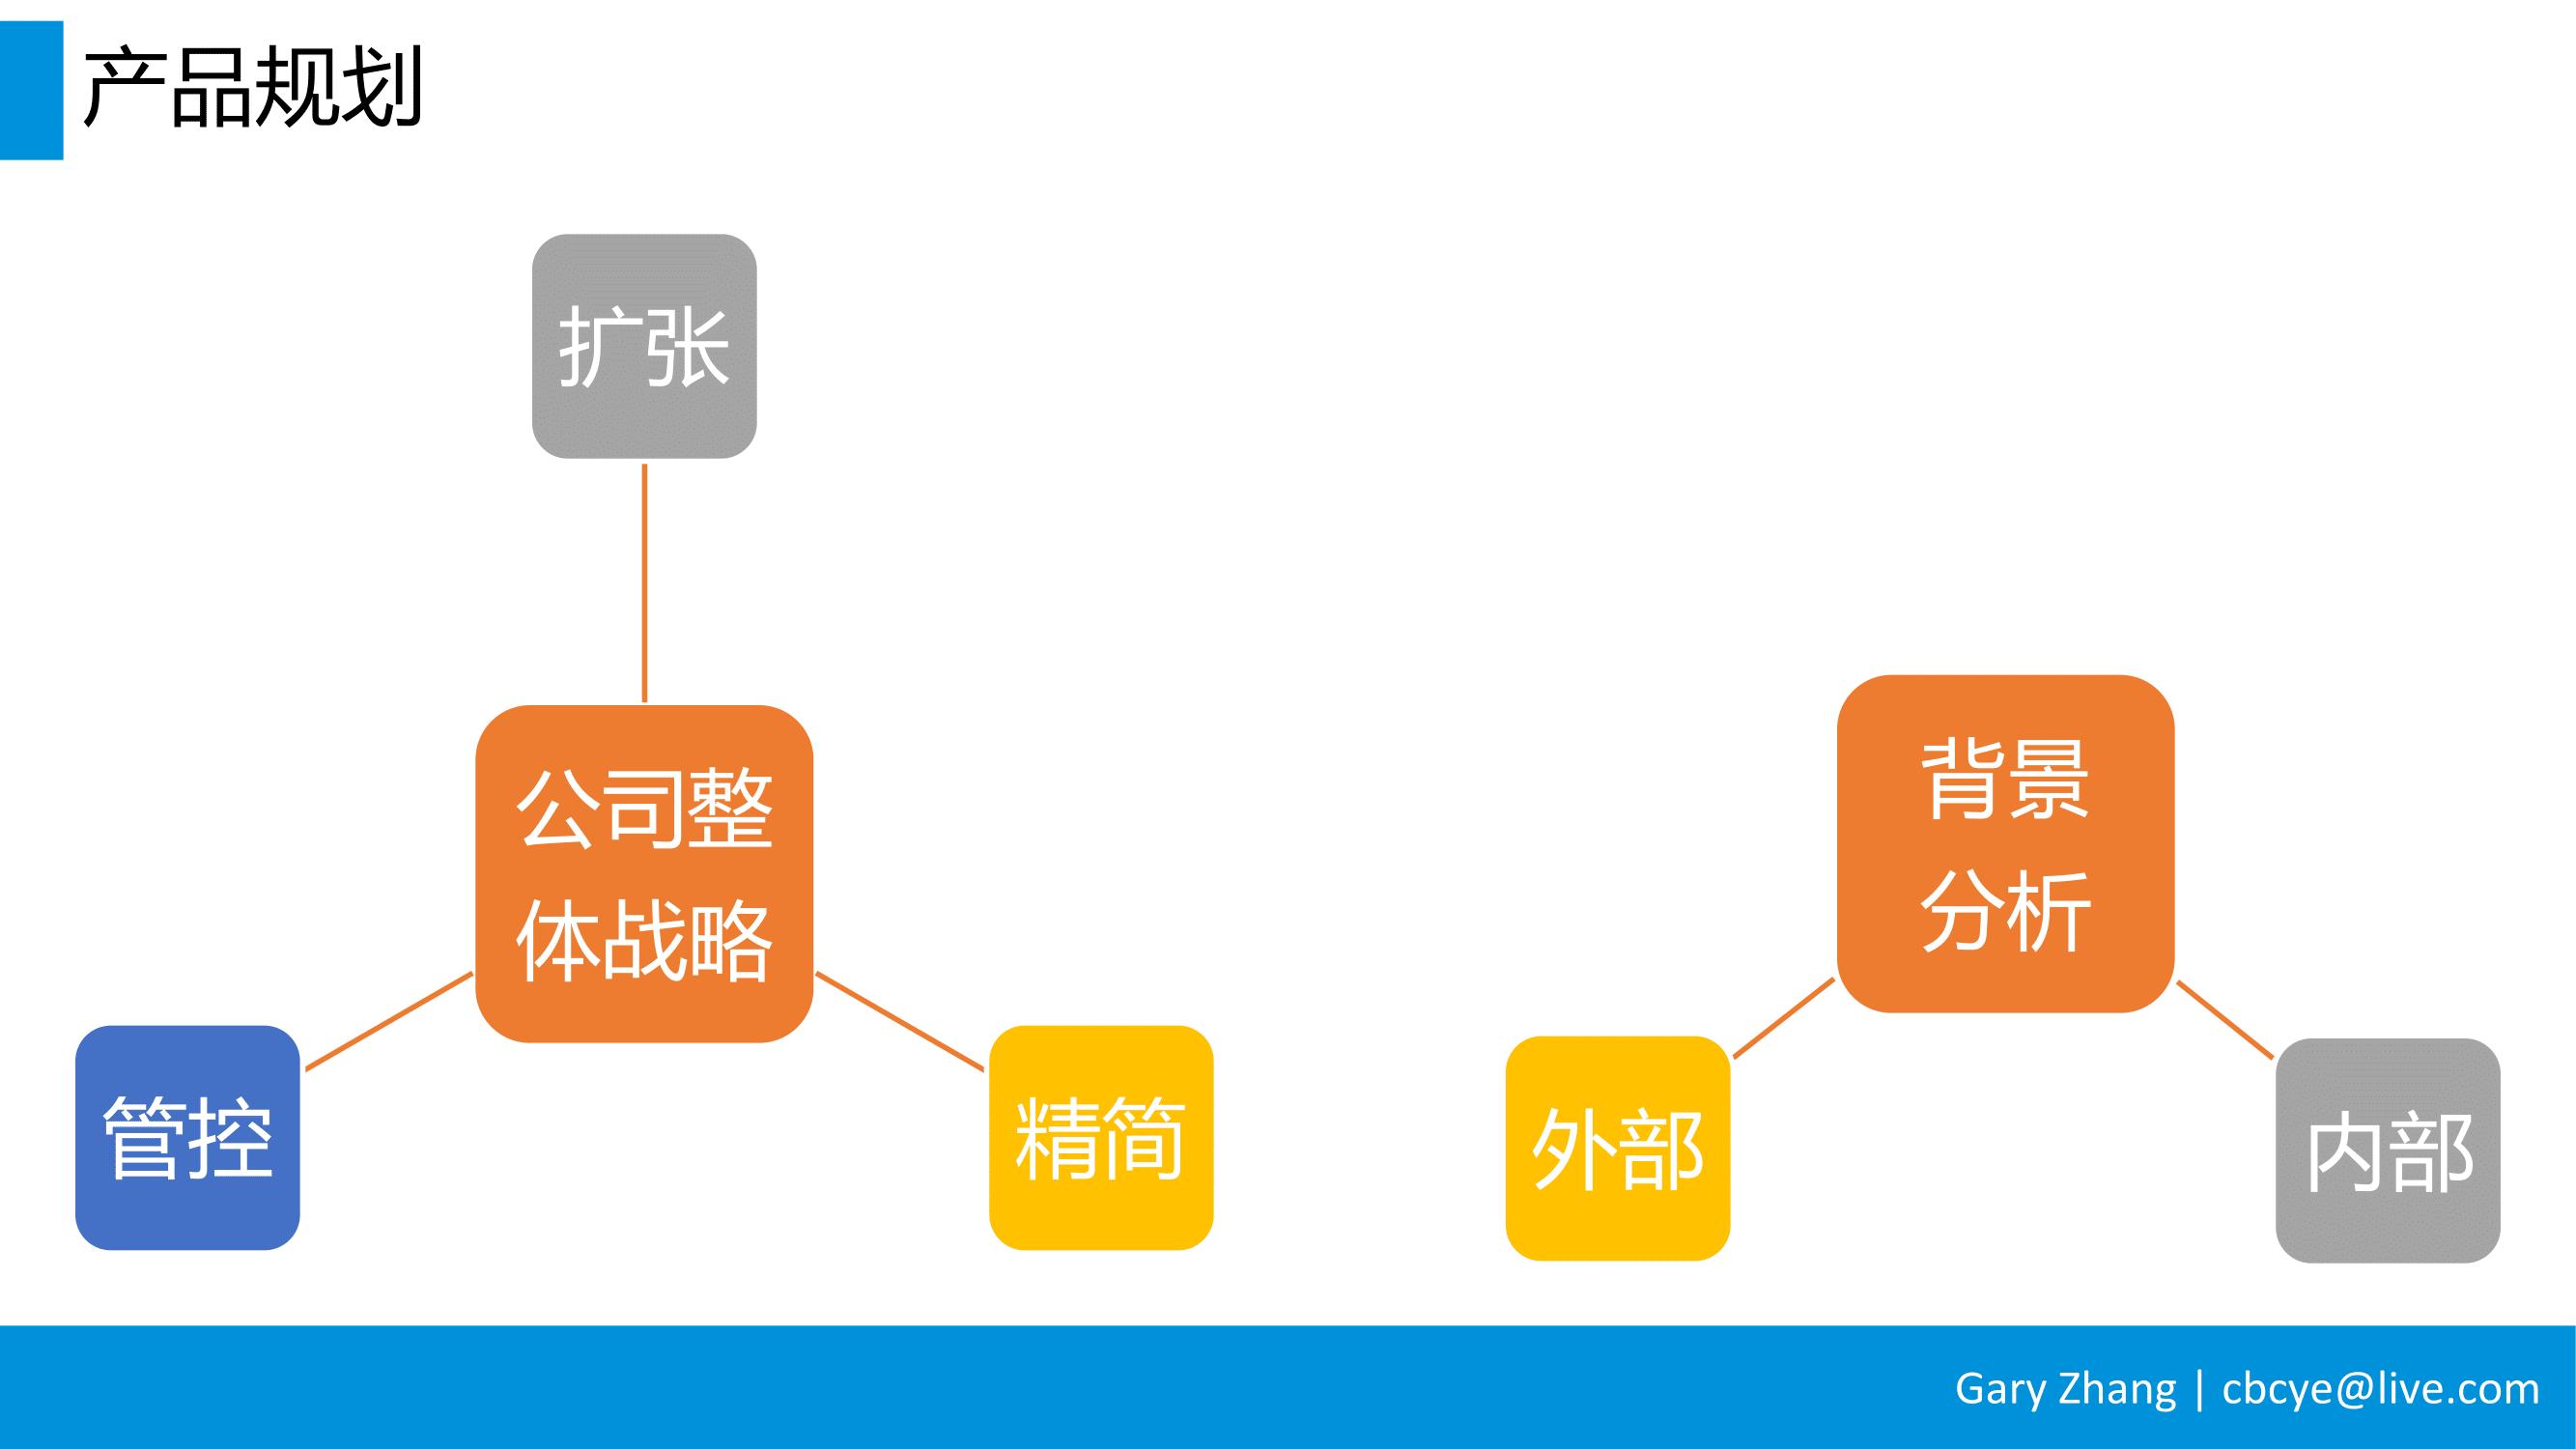 消费金融业务全流程指南_v1.0-014